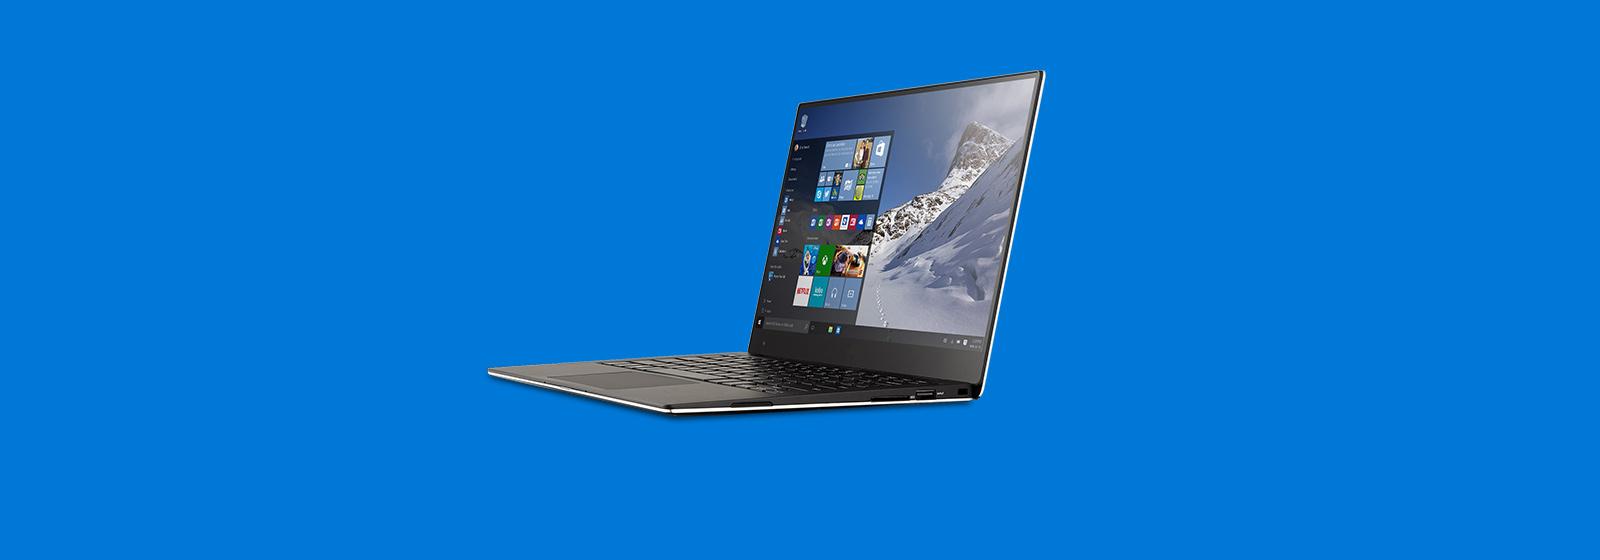 Windows 10 في الطريق إليكم. معرفة المزيد.